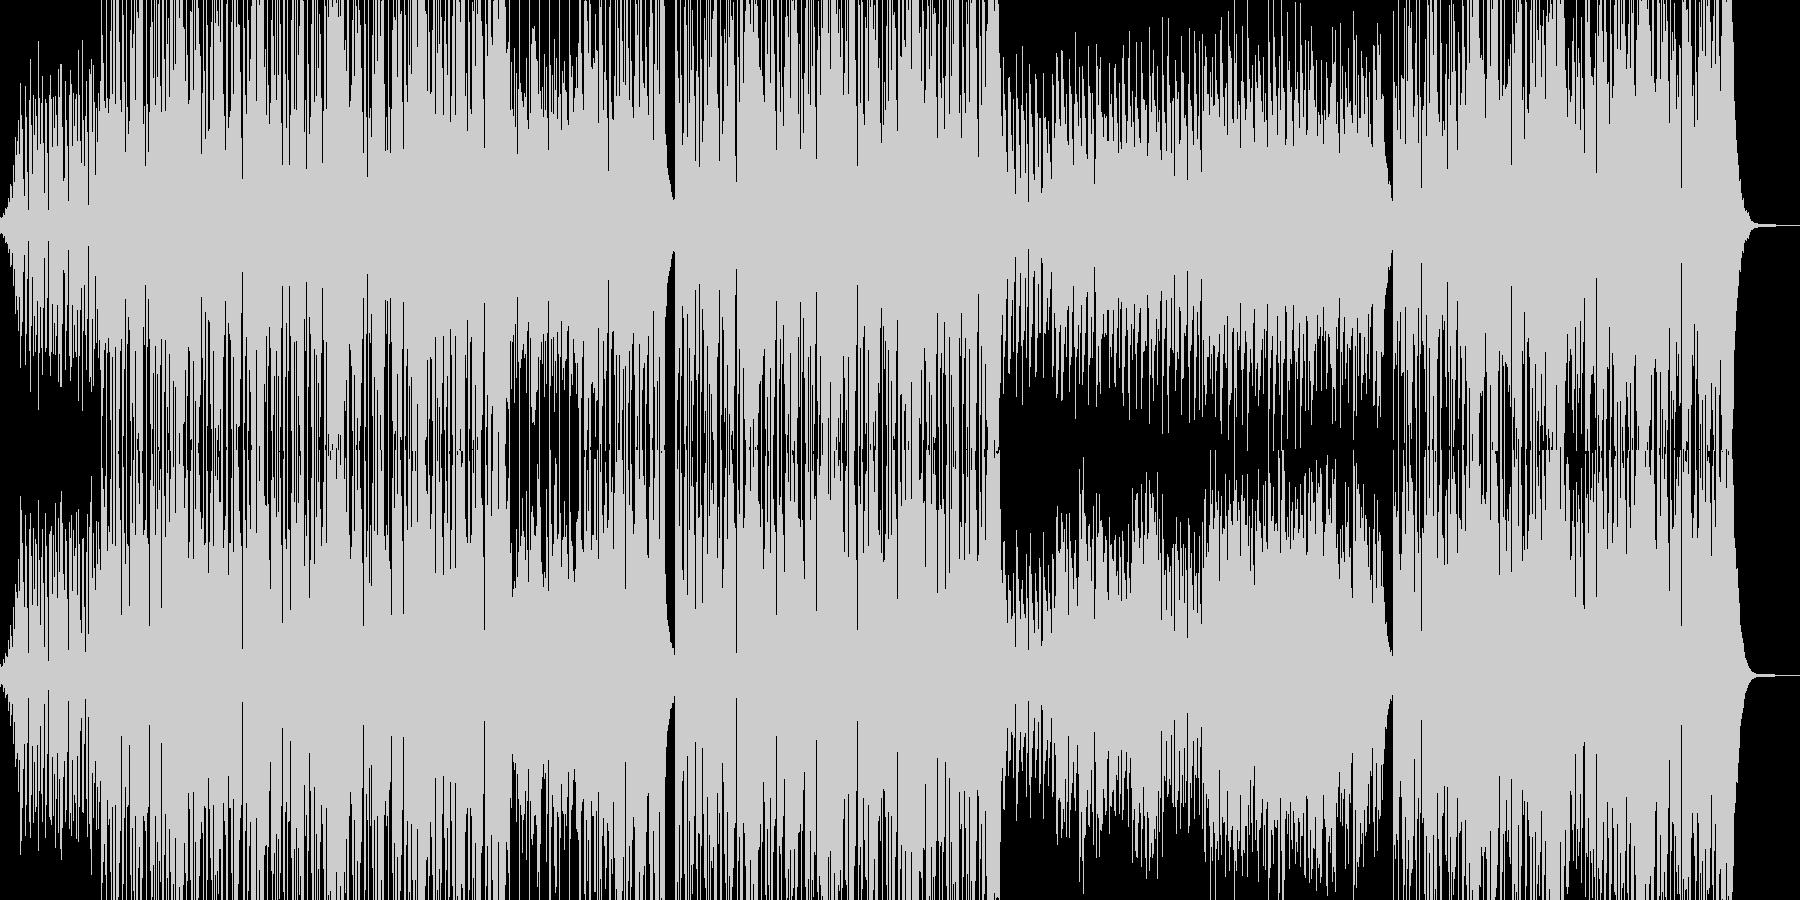 ラーメンを食べたくなるチャイニーズR&Bの未再生の波形